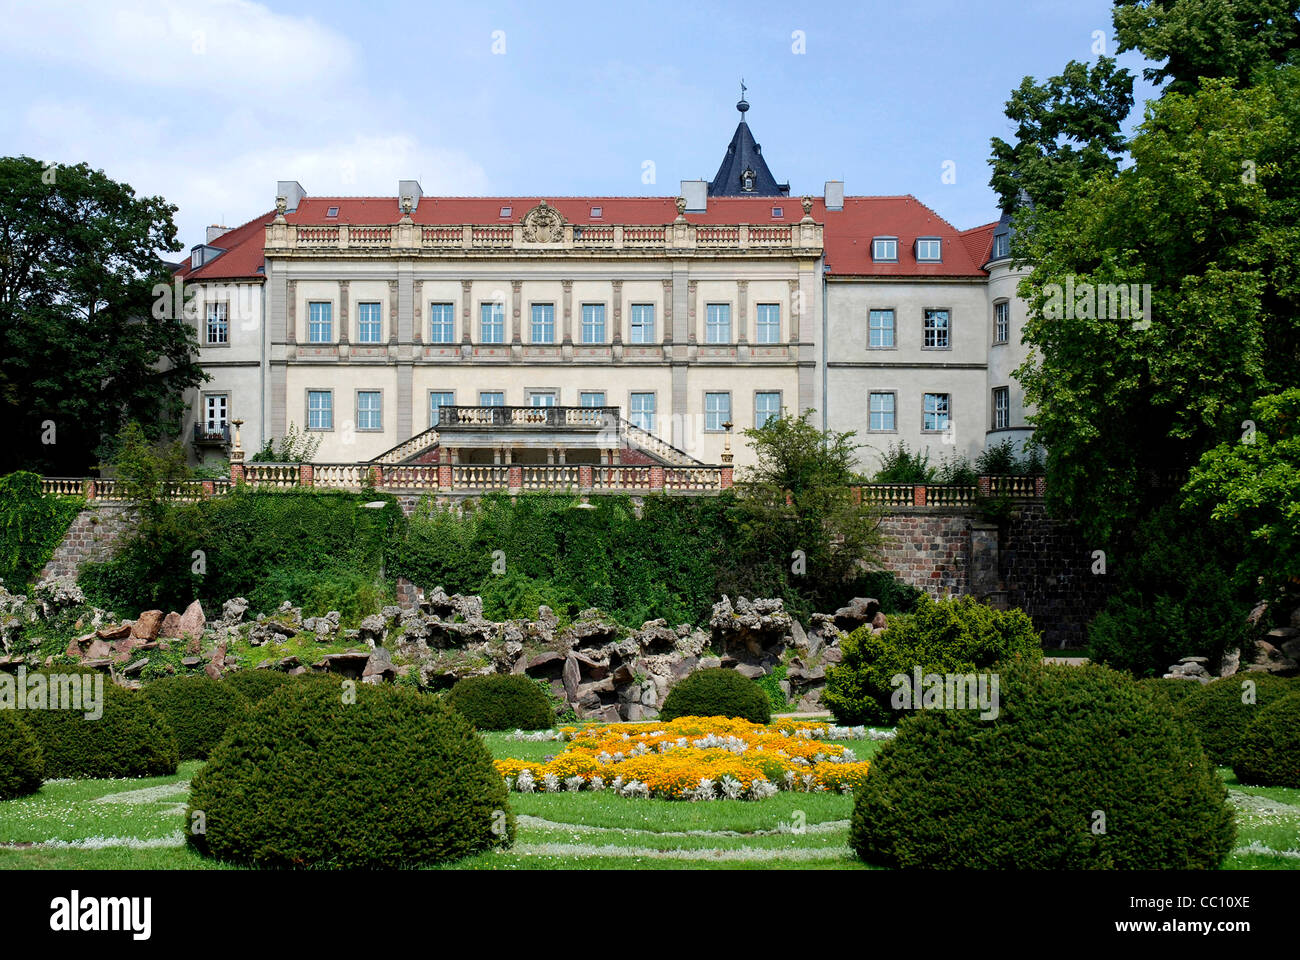 Castle Wiesenburg in Brandenburg. - Stock Image